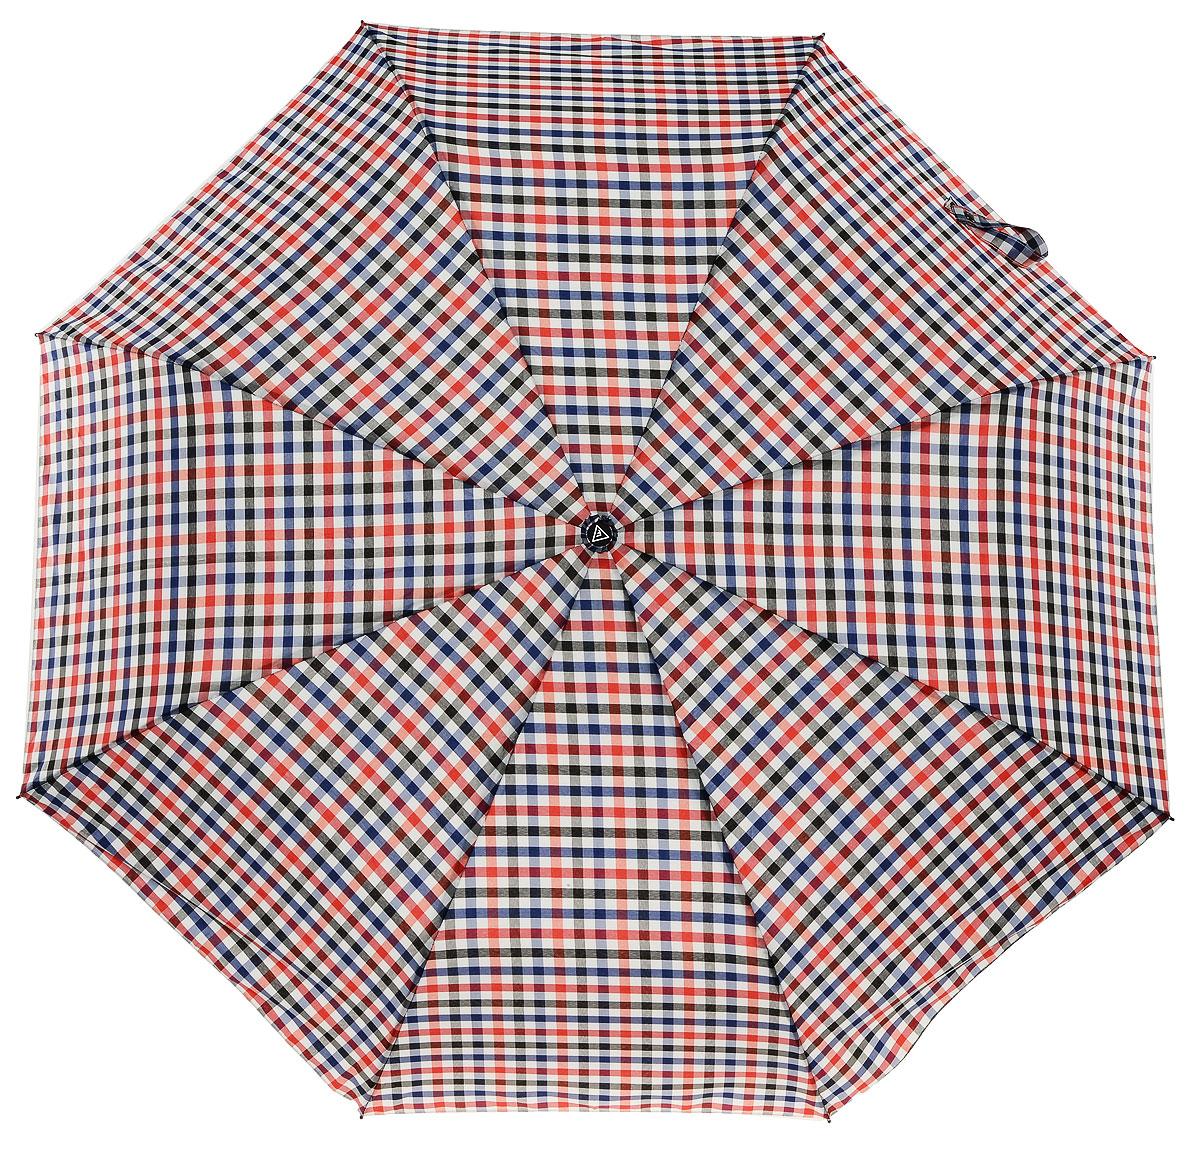 Зонт женский Fabretti, цвет: красный. FCH-8CX1516-50-10Классический зонт - полный автомат от итальянского бренда Fabretti. Материал купола - эпонж, обладает высокой прочностью и износостойкостью. Вода на куполе из такого материала скатывается каплями вниз, а не впитывается, на нем практически не видны следы изгибов. Эргономичная ручка сделана из высококачественного пластика-полиуретана с противоскользящей обработкой.